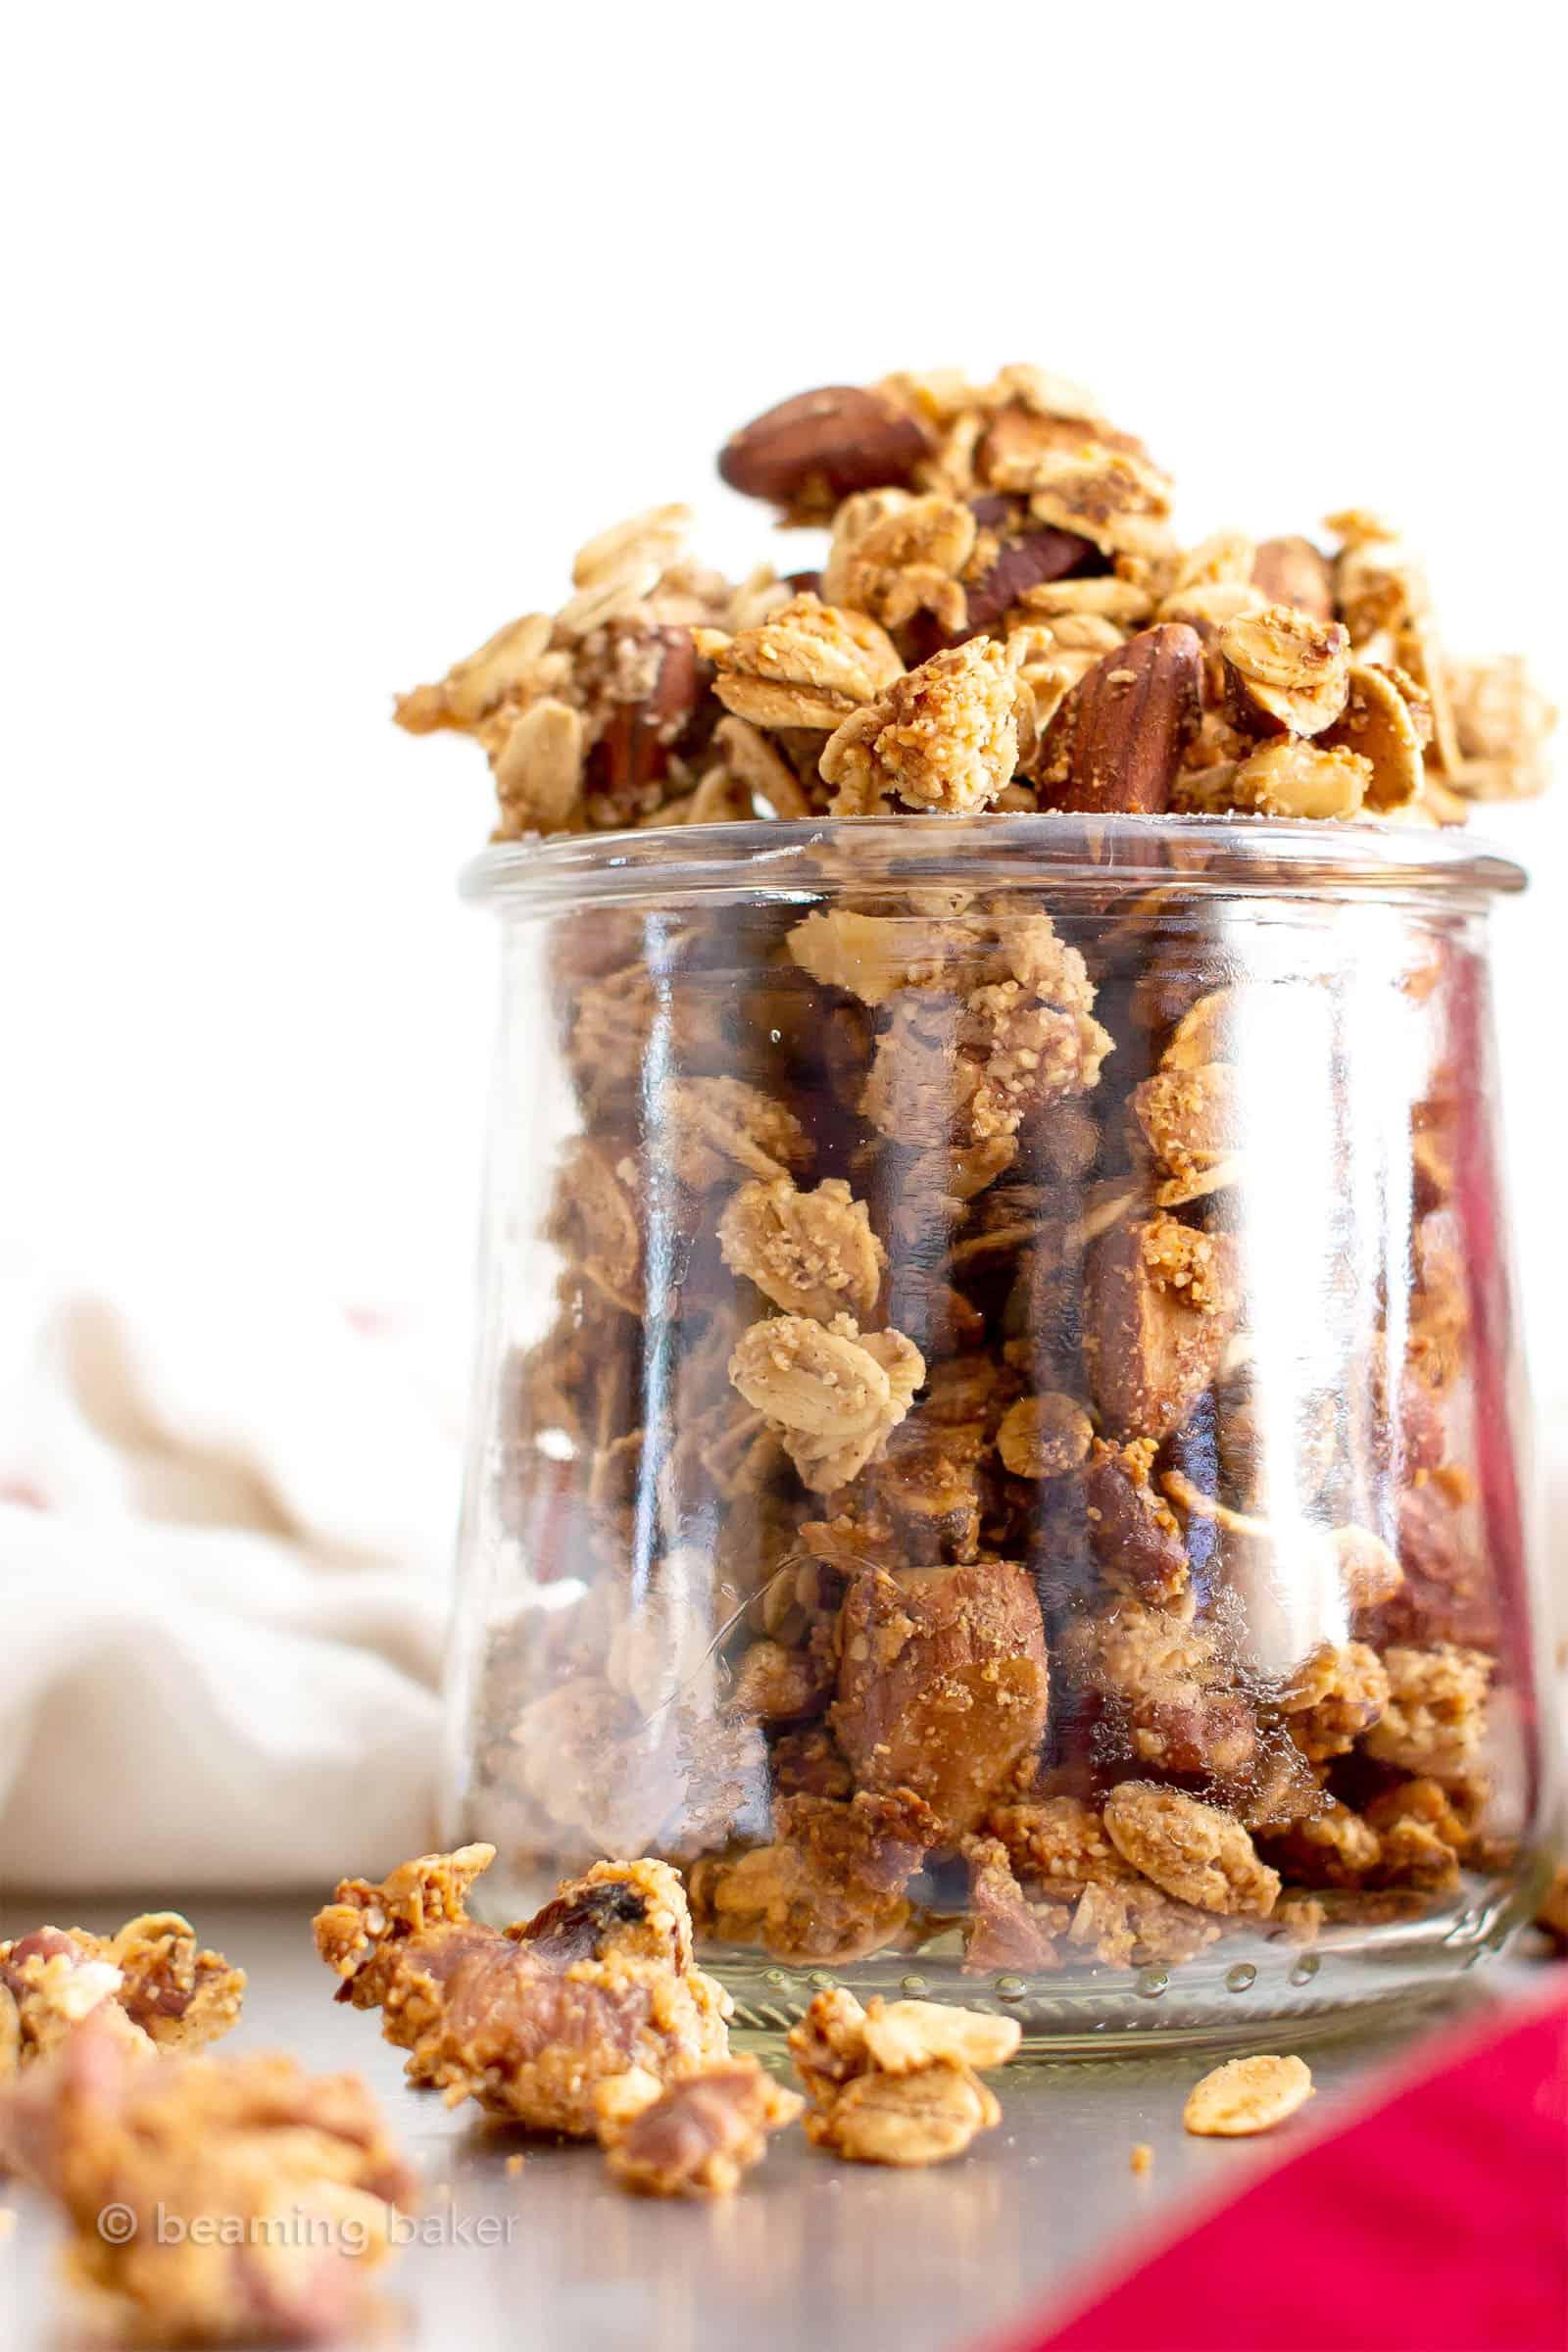 Chai Spiced Healthy Granola: healthy homemade granola chai spiced to perfection! The best healthy granola: crunchy granola clusters made with healthy ingredients. #Healthy #Granola #Chai   Recipe at BeamingBaker.com